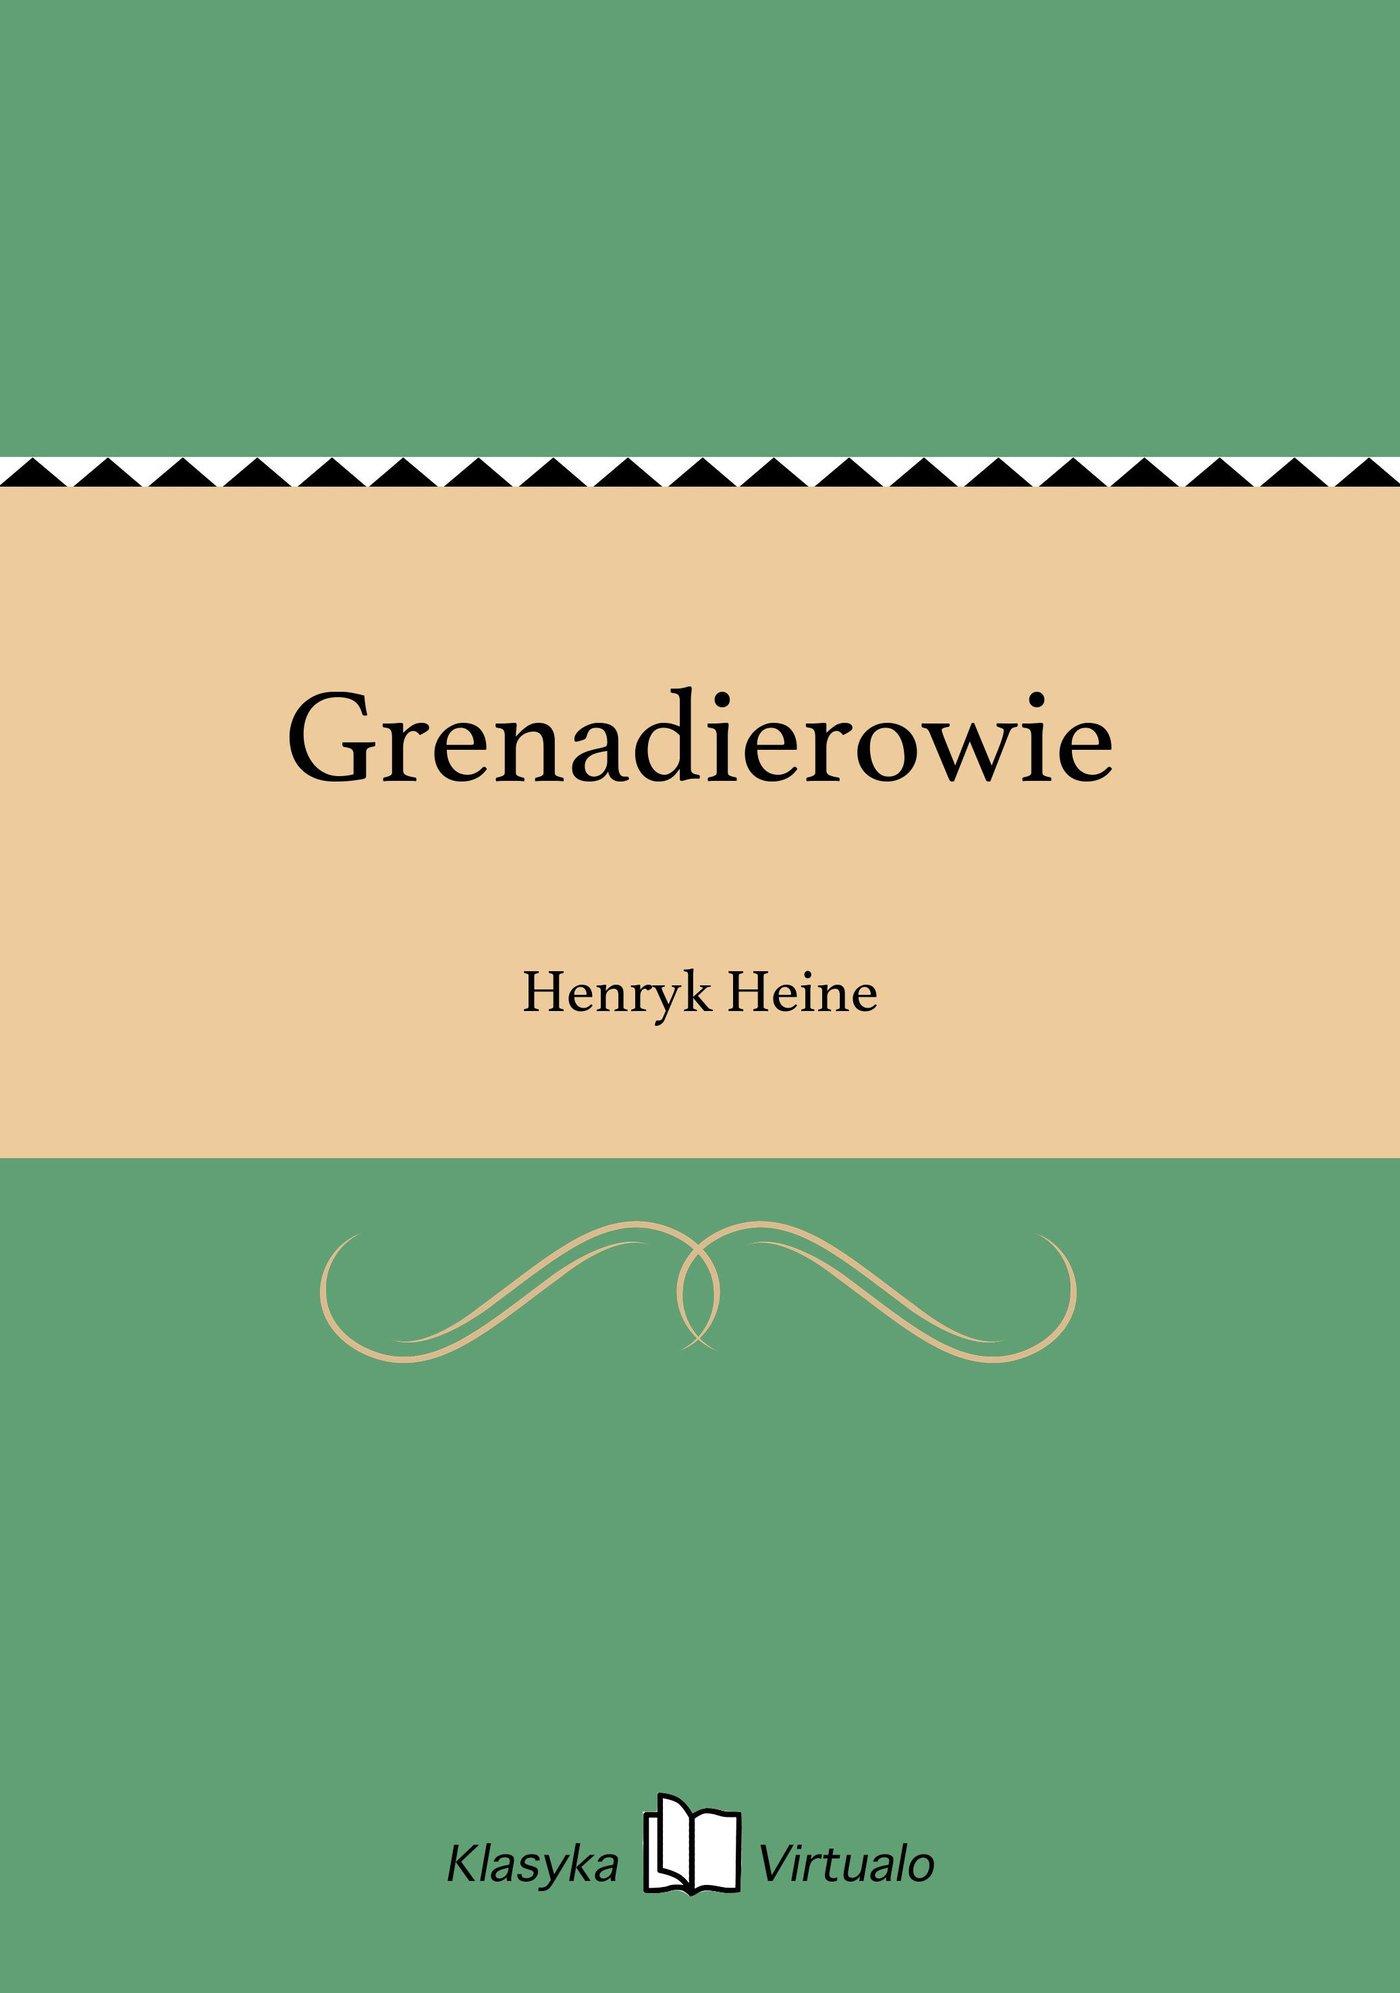 Grenadierowie - Ebook (Książka EPUB) do pobrania w formacie EPUB